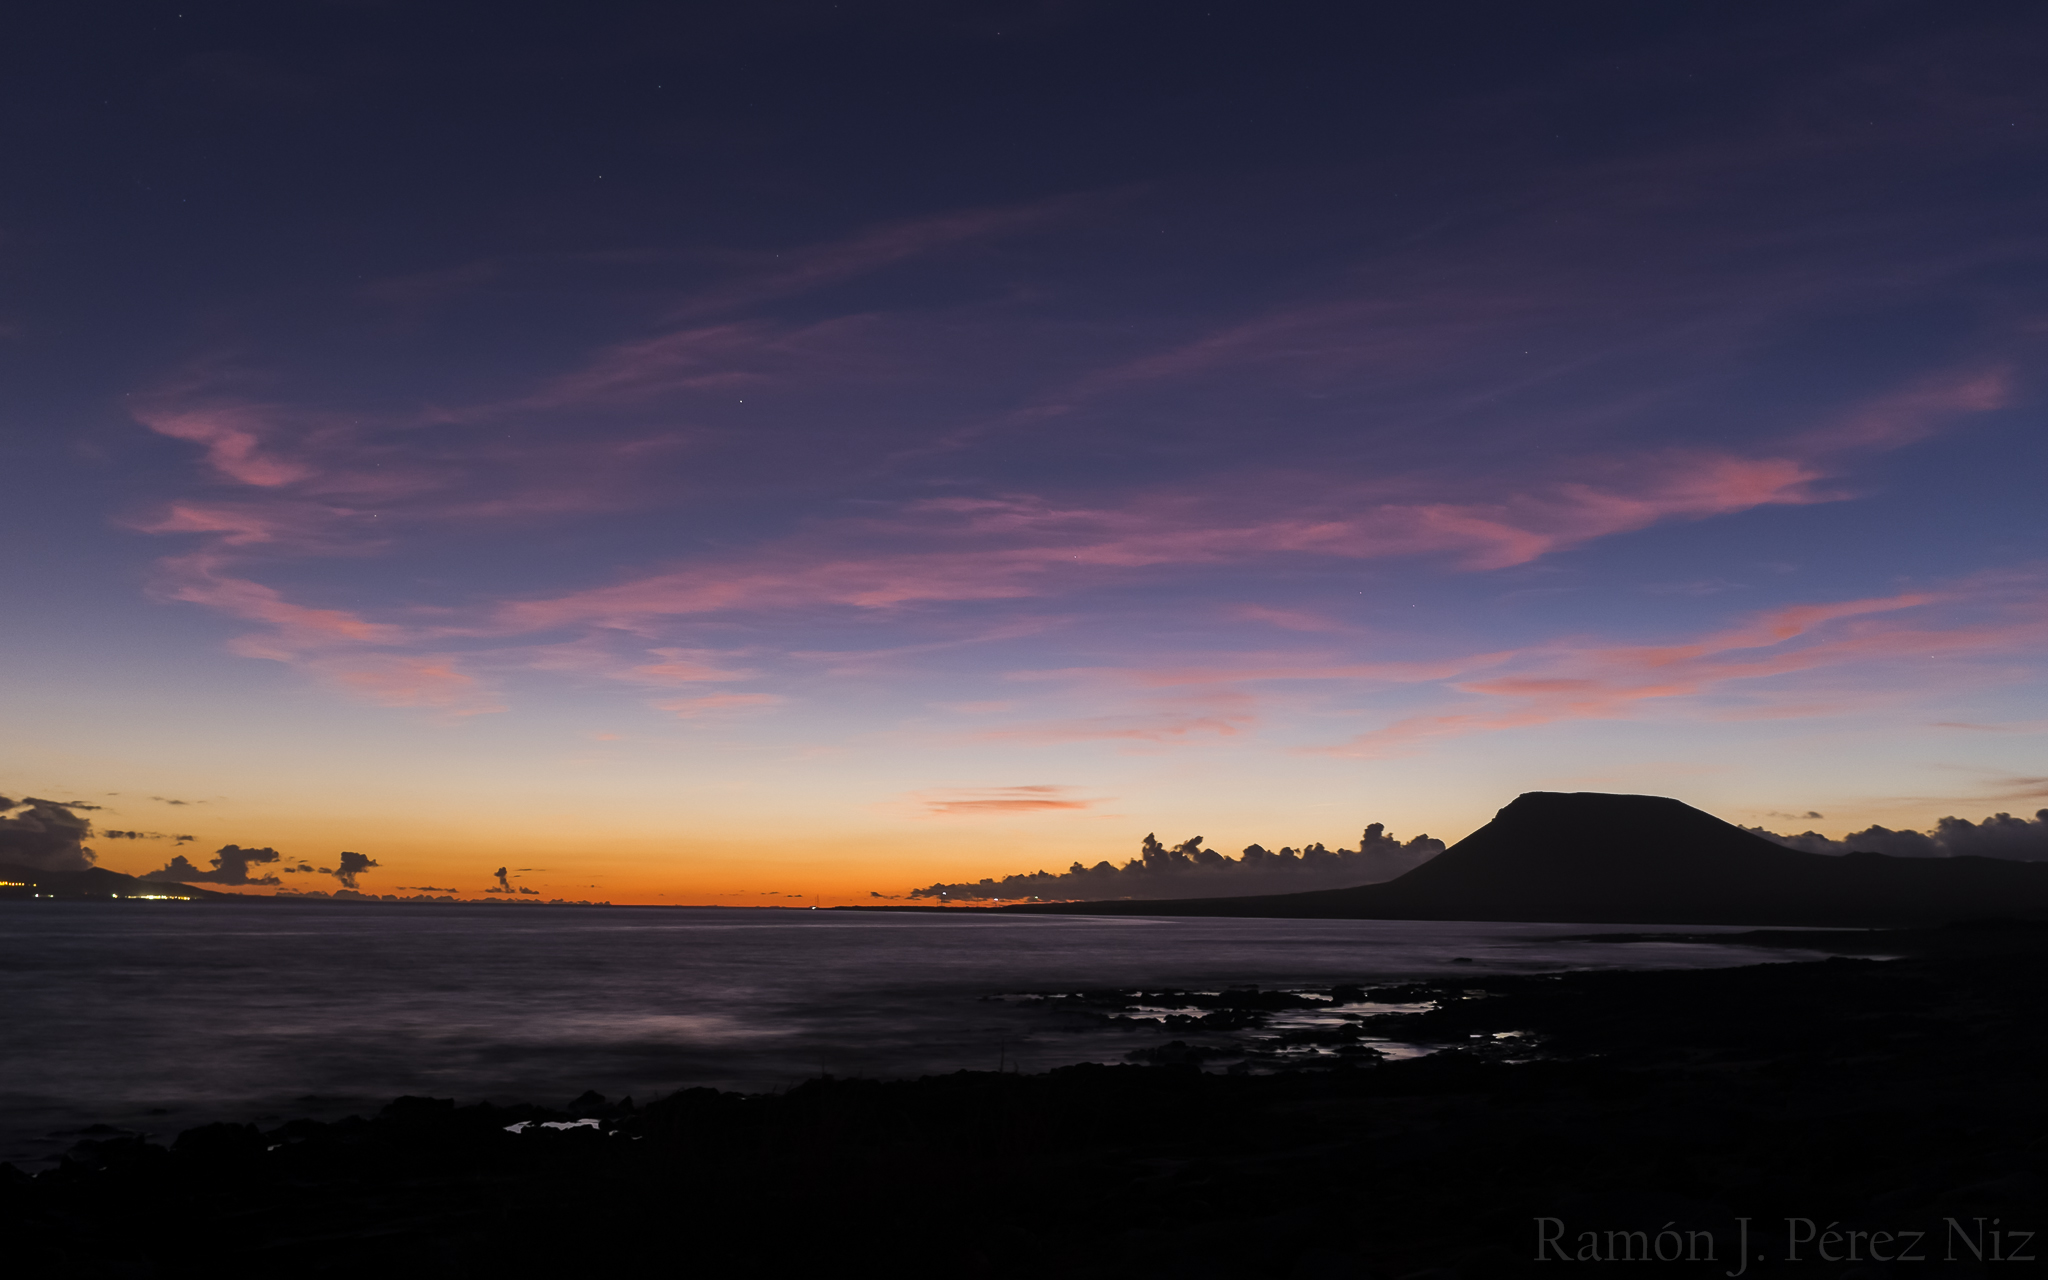 Foto de Ramón Pérez Niz, tranquilidad en Caleta del Sebo. La Graciosa. Playa del Salao.